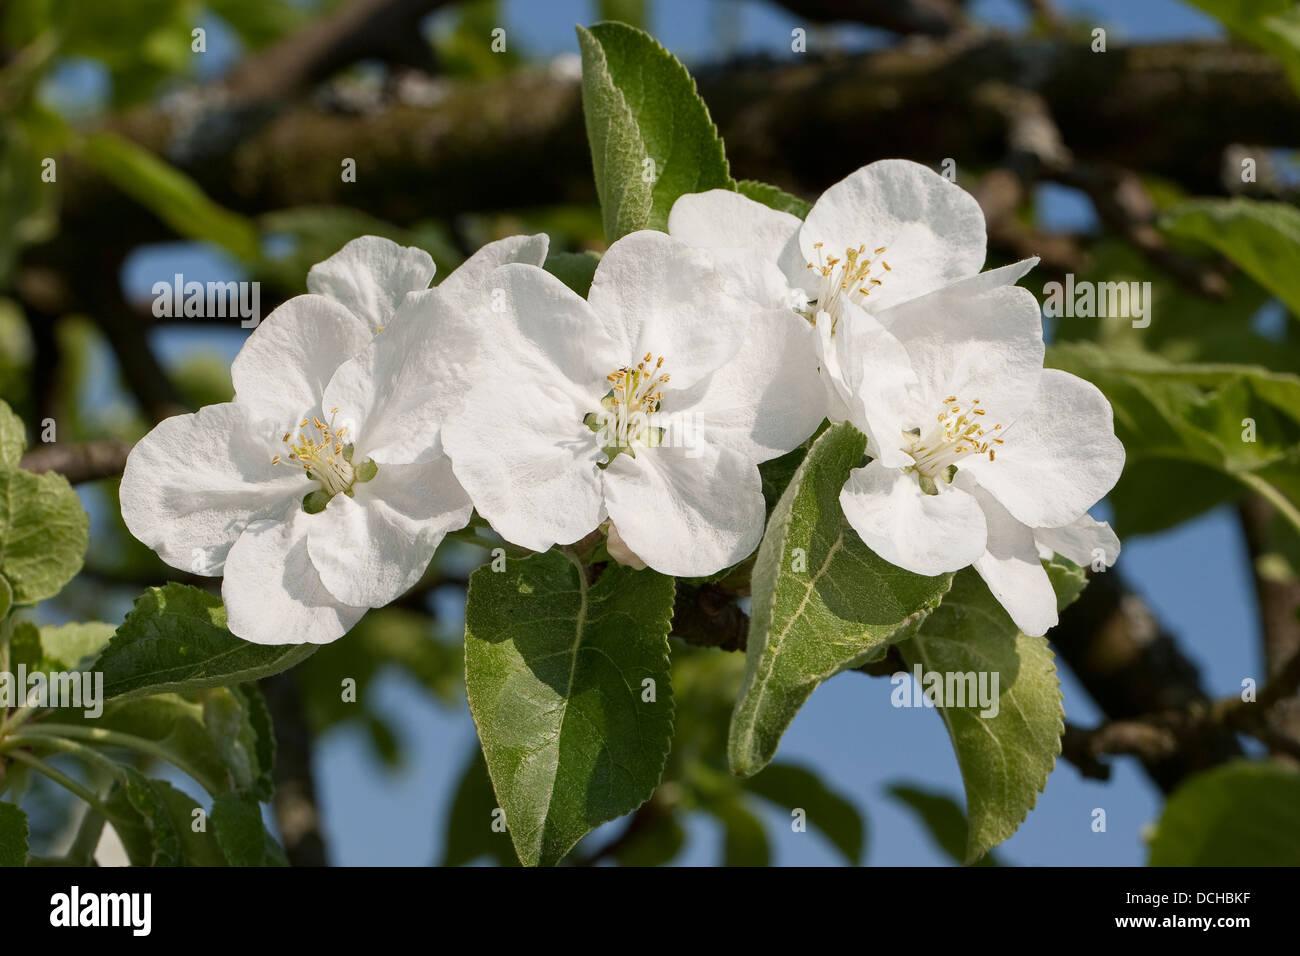 Apple, Obstbaum, Früchte tragenden Baumes, kultur-Apfel, Apfelbaum, Obst, obstbaum, Apfelblüte, Malus Stockbild